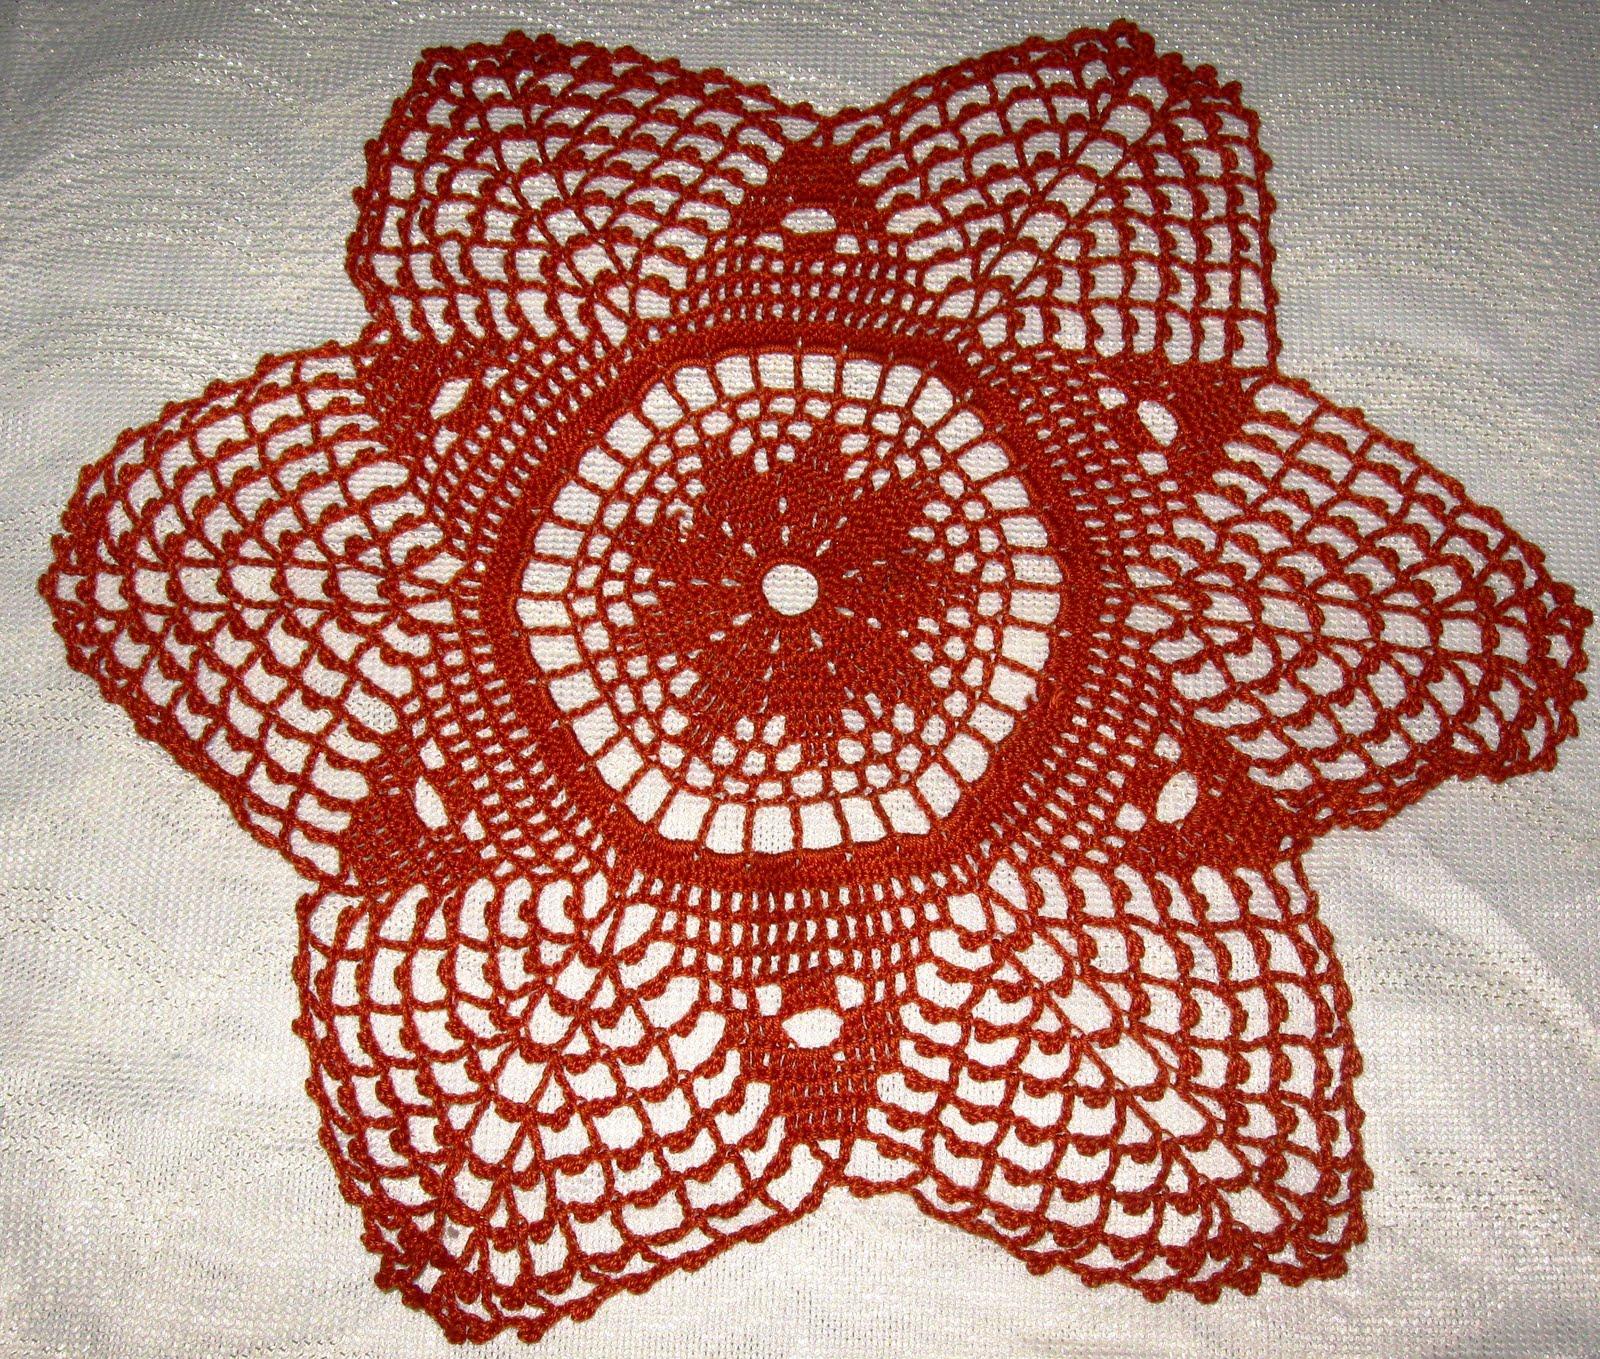 Tapete tejido a crochet color crema (TAPCrema) Tapete tejido a crochet